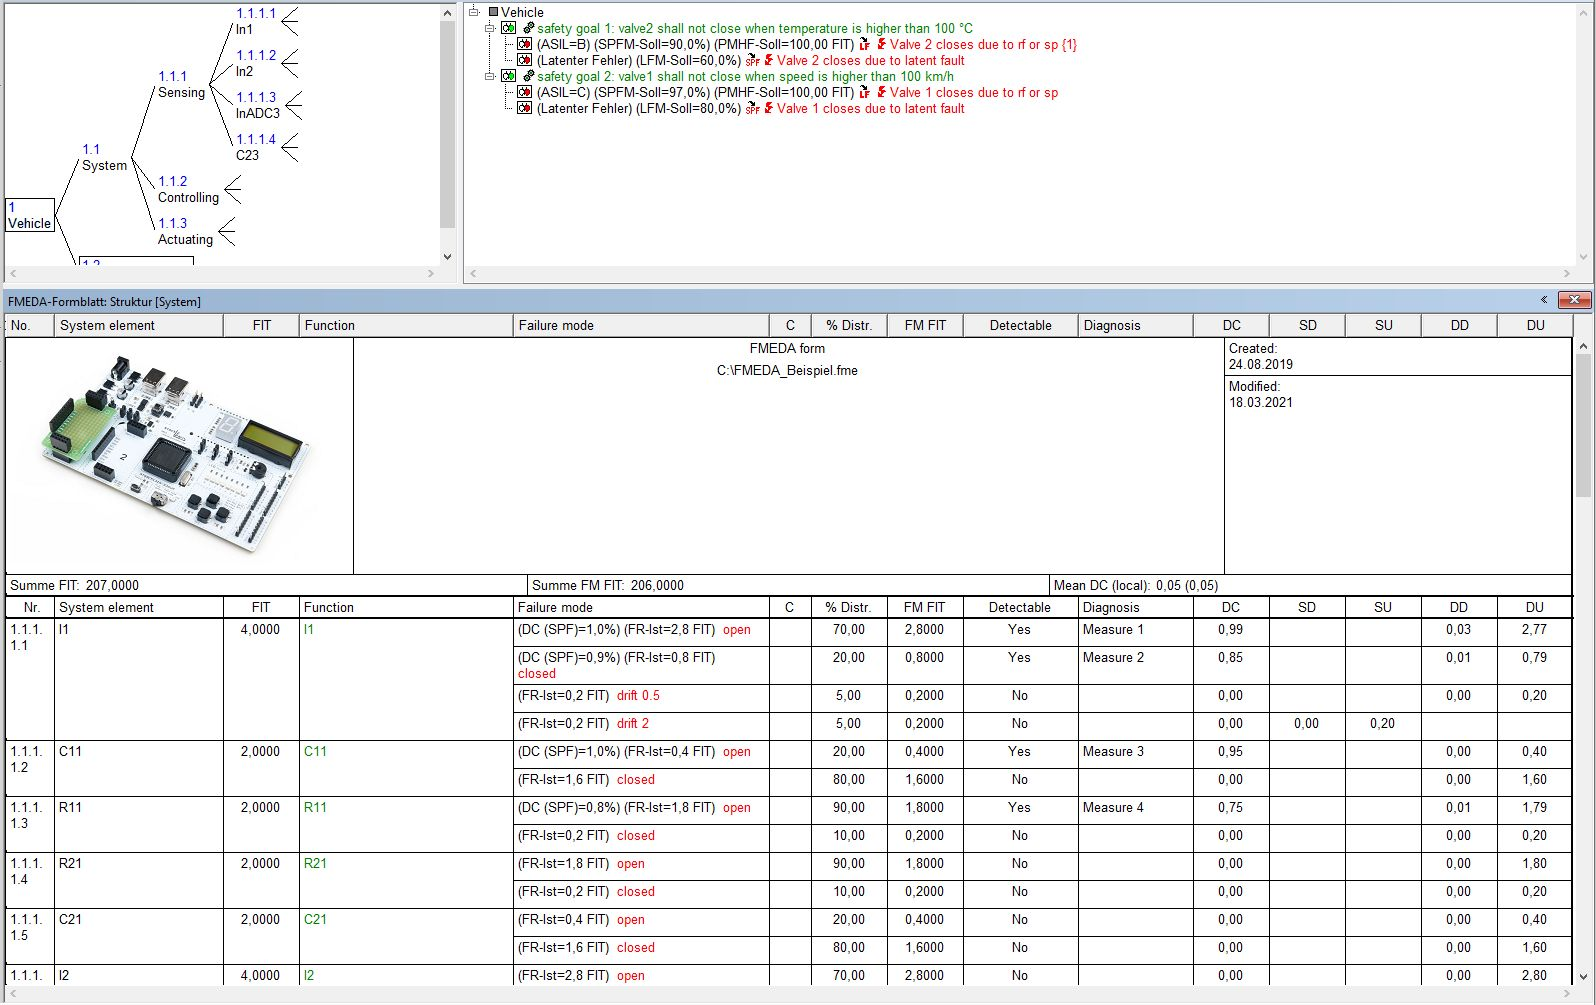 FMEDA Software SIL PL HFT SFF Performance Level Sicherheitsintegritätslevel  Funktionale Sicherheit Sicherheitsfunktion